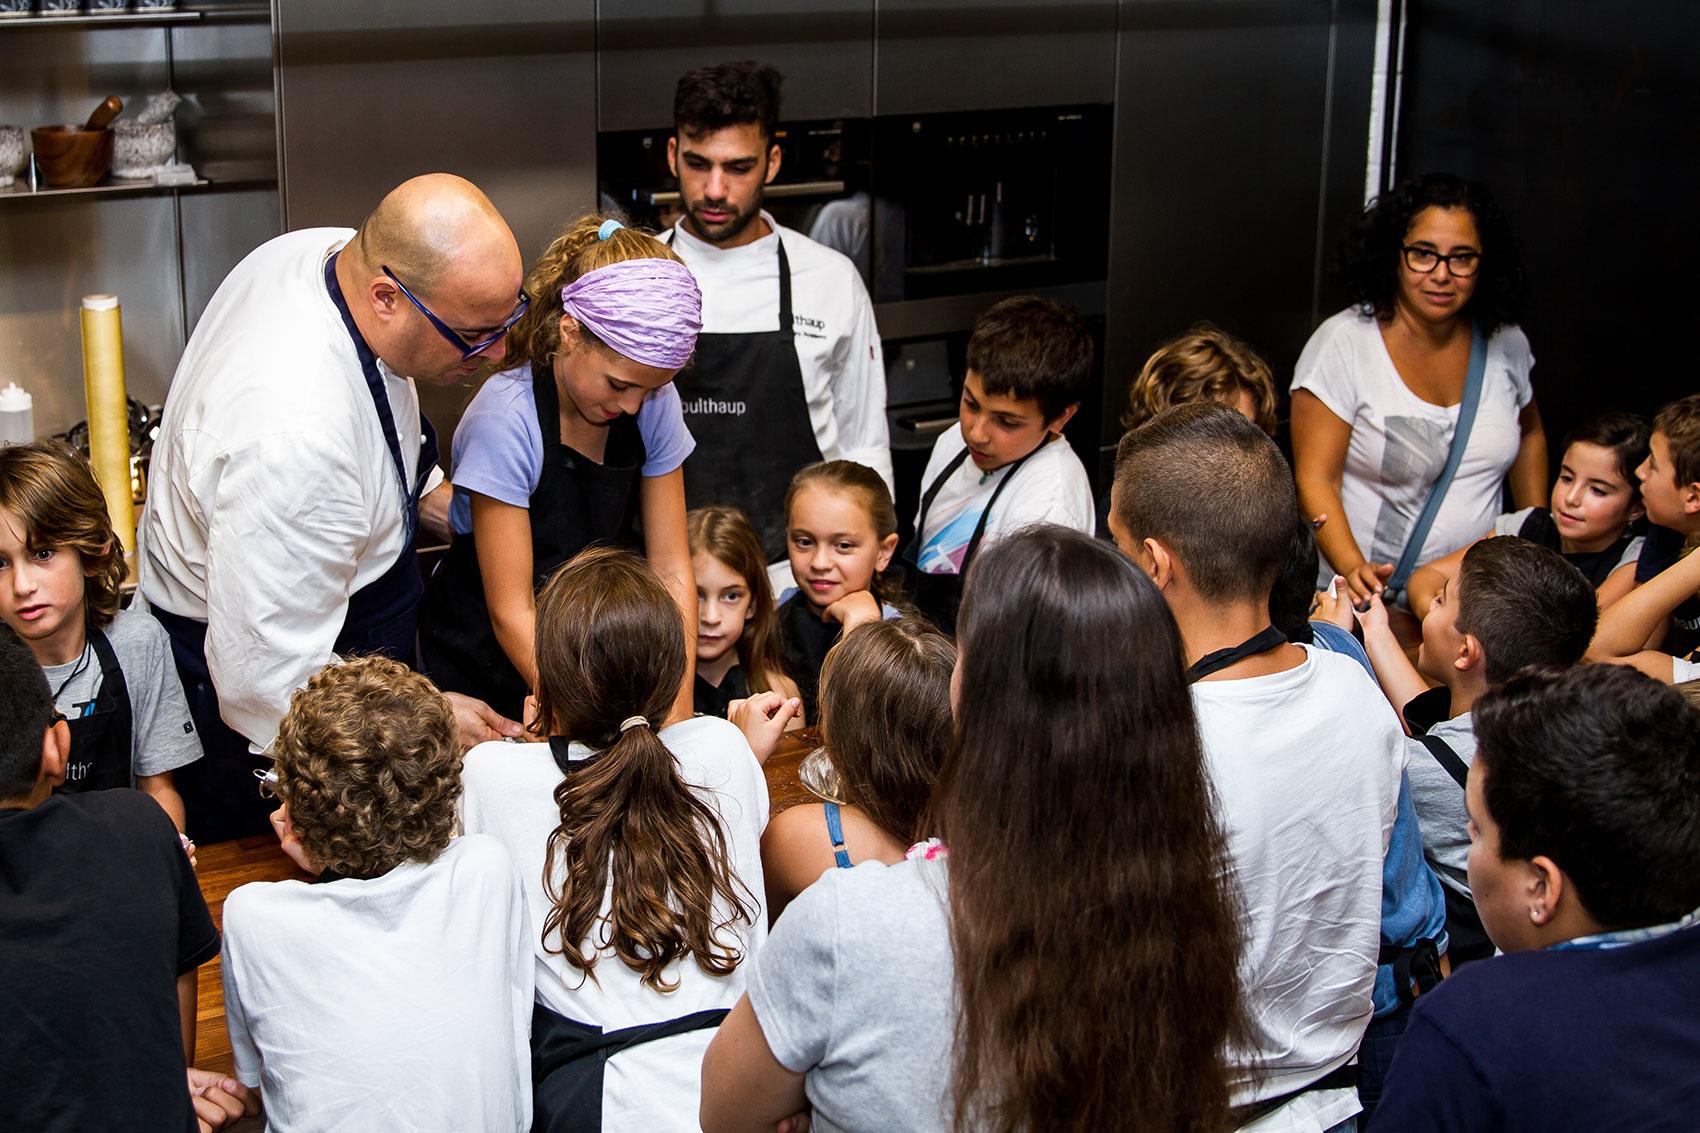 האקדמיה הקולינרית של בולטהאופ - סדנת בישול לילדים